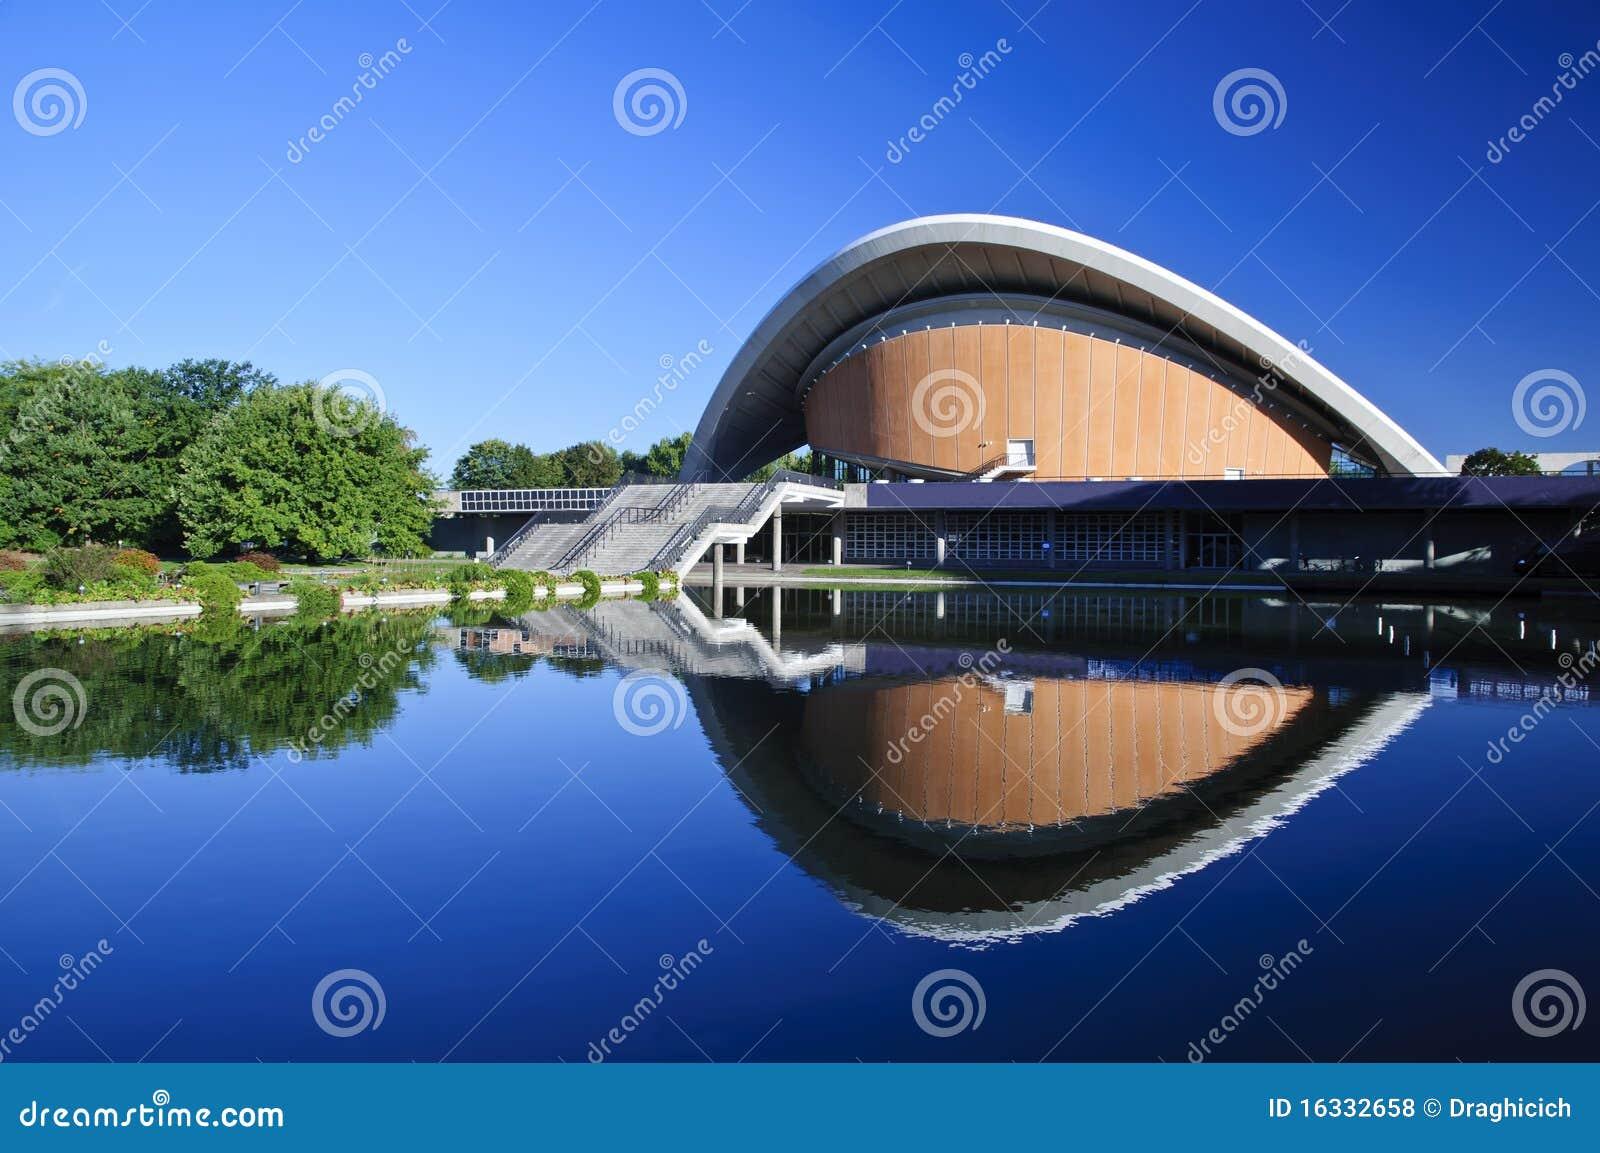 Casa de culturas do mundo em Berlim